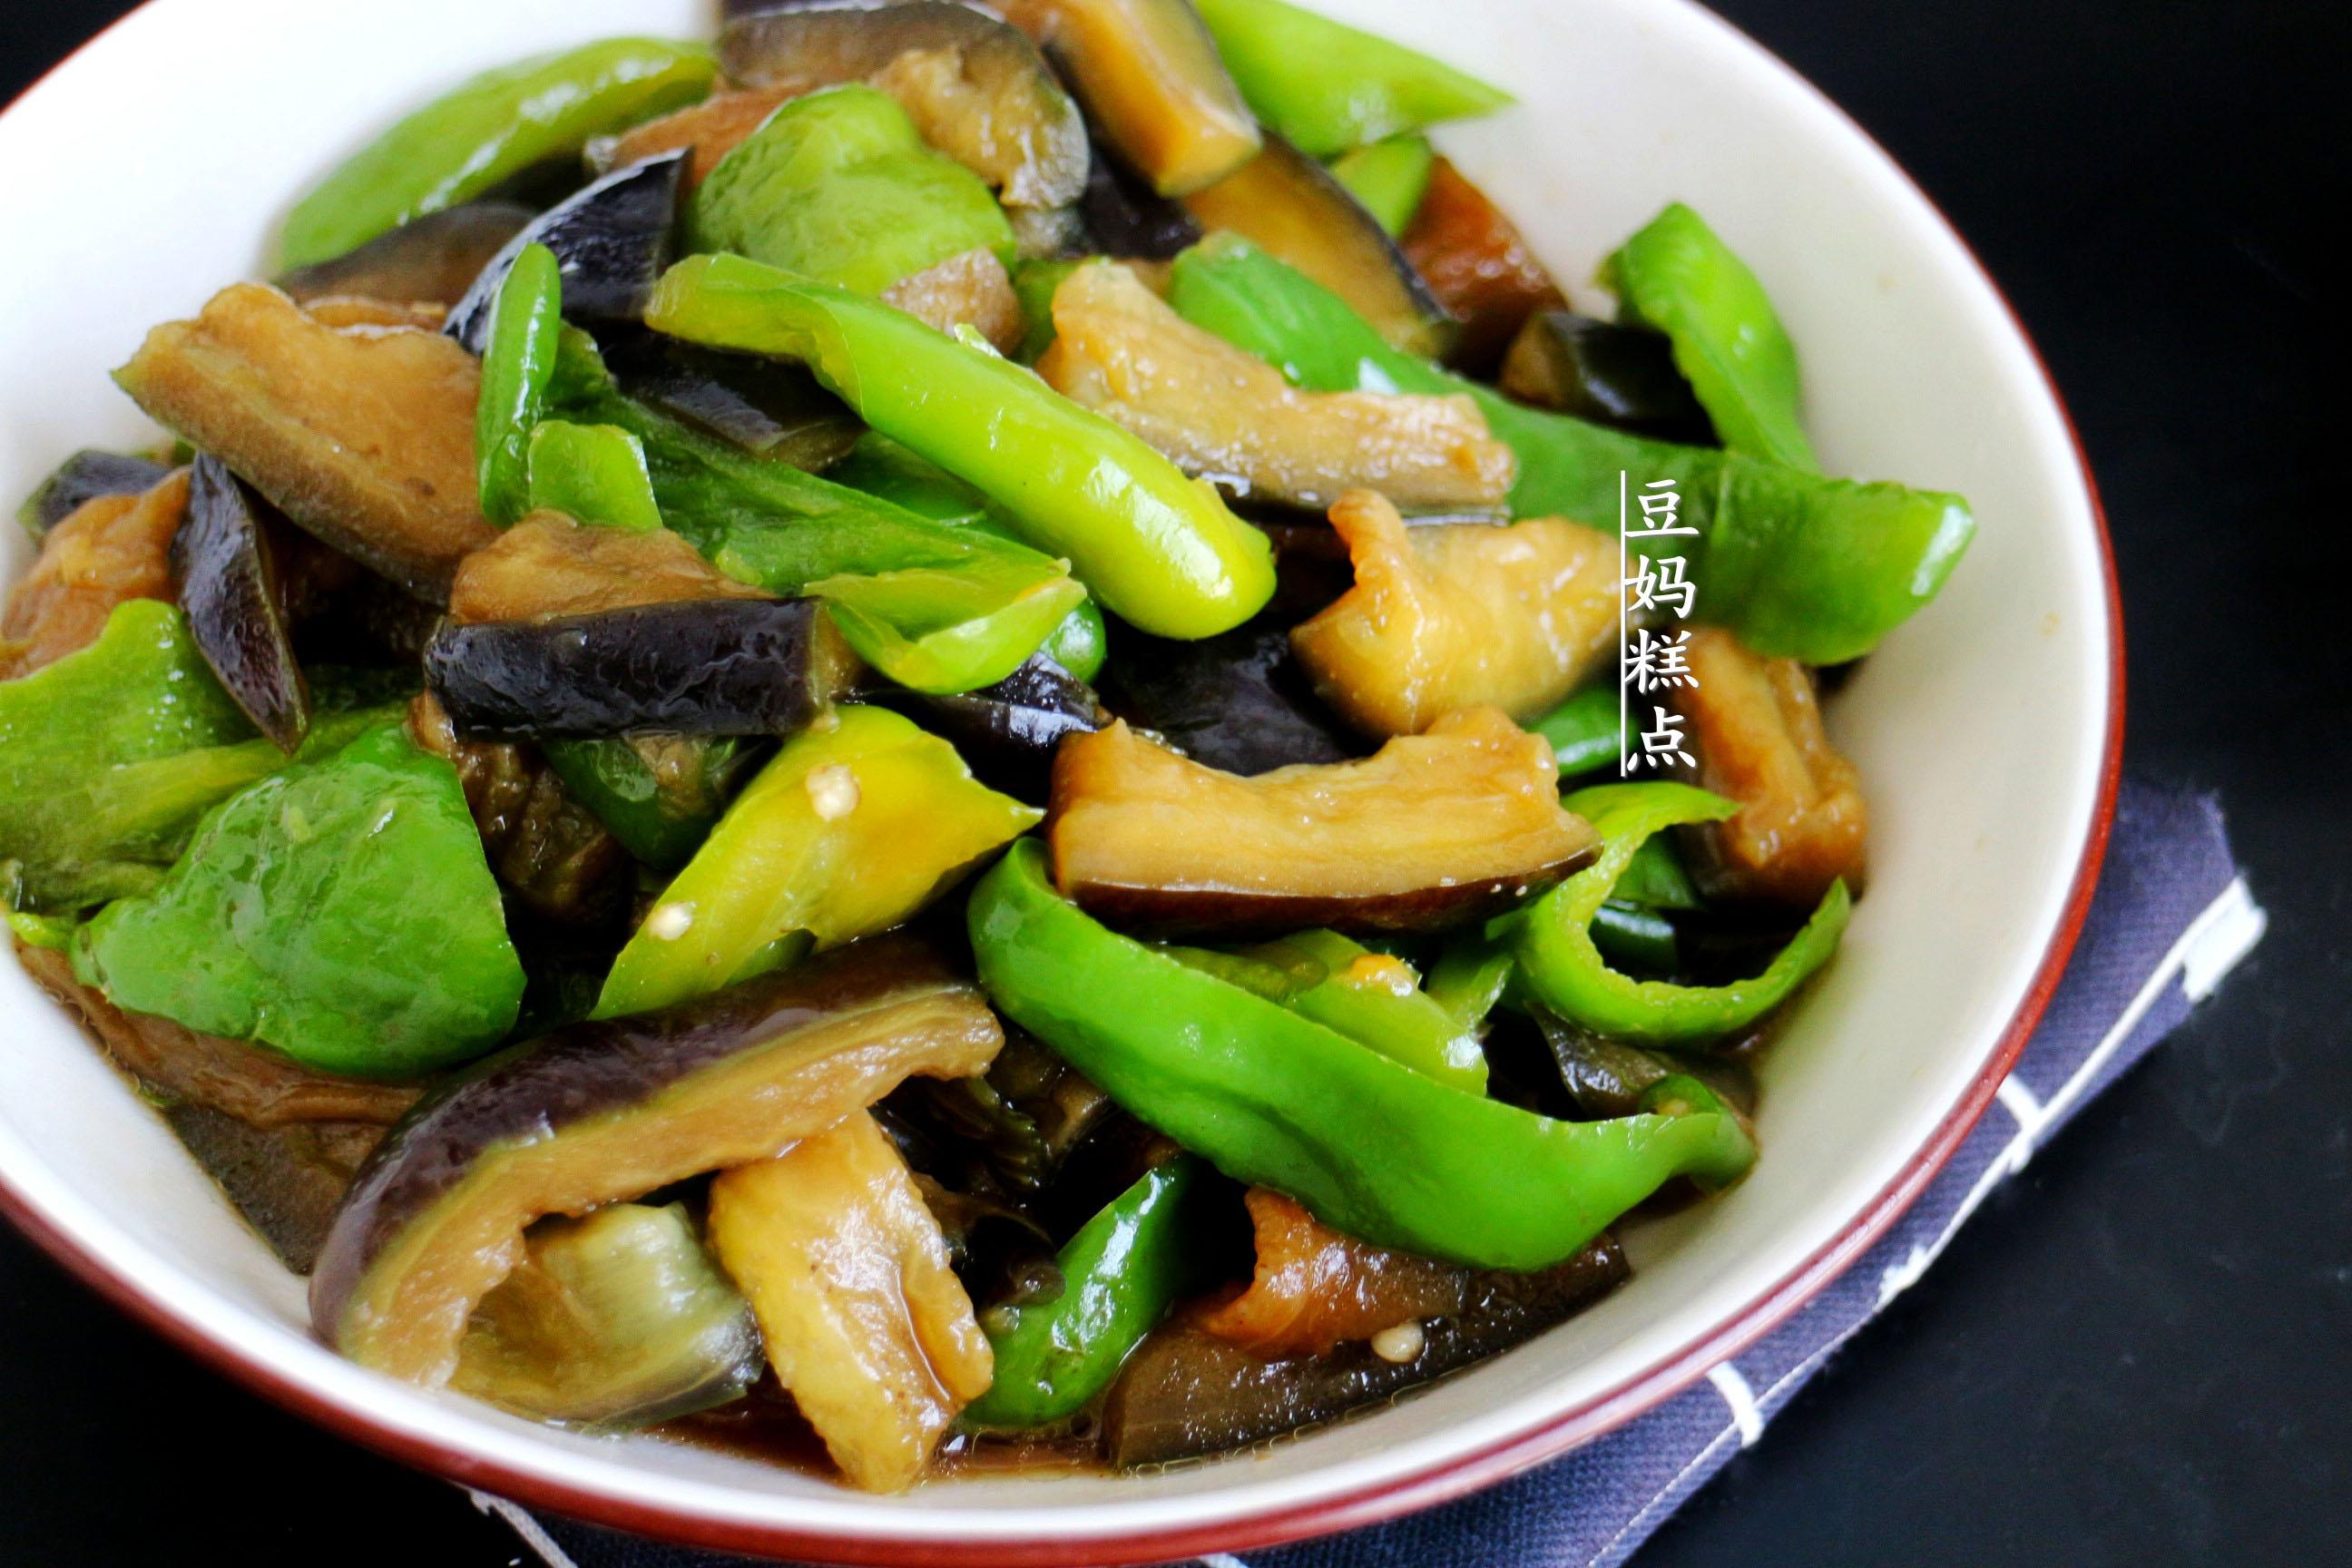 家常素小炒,节后清肠减肥必备 减肥菜谱 第12张